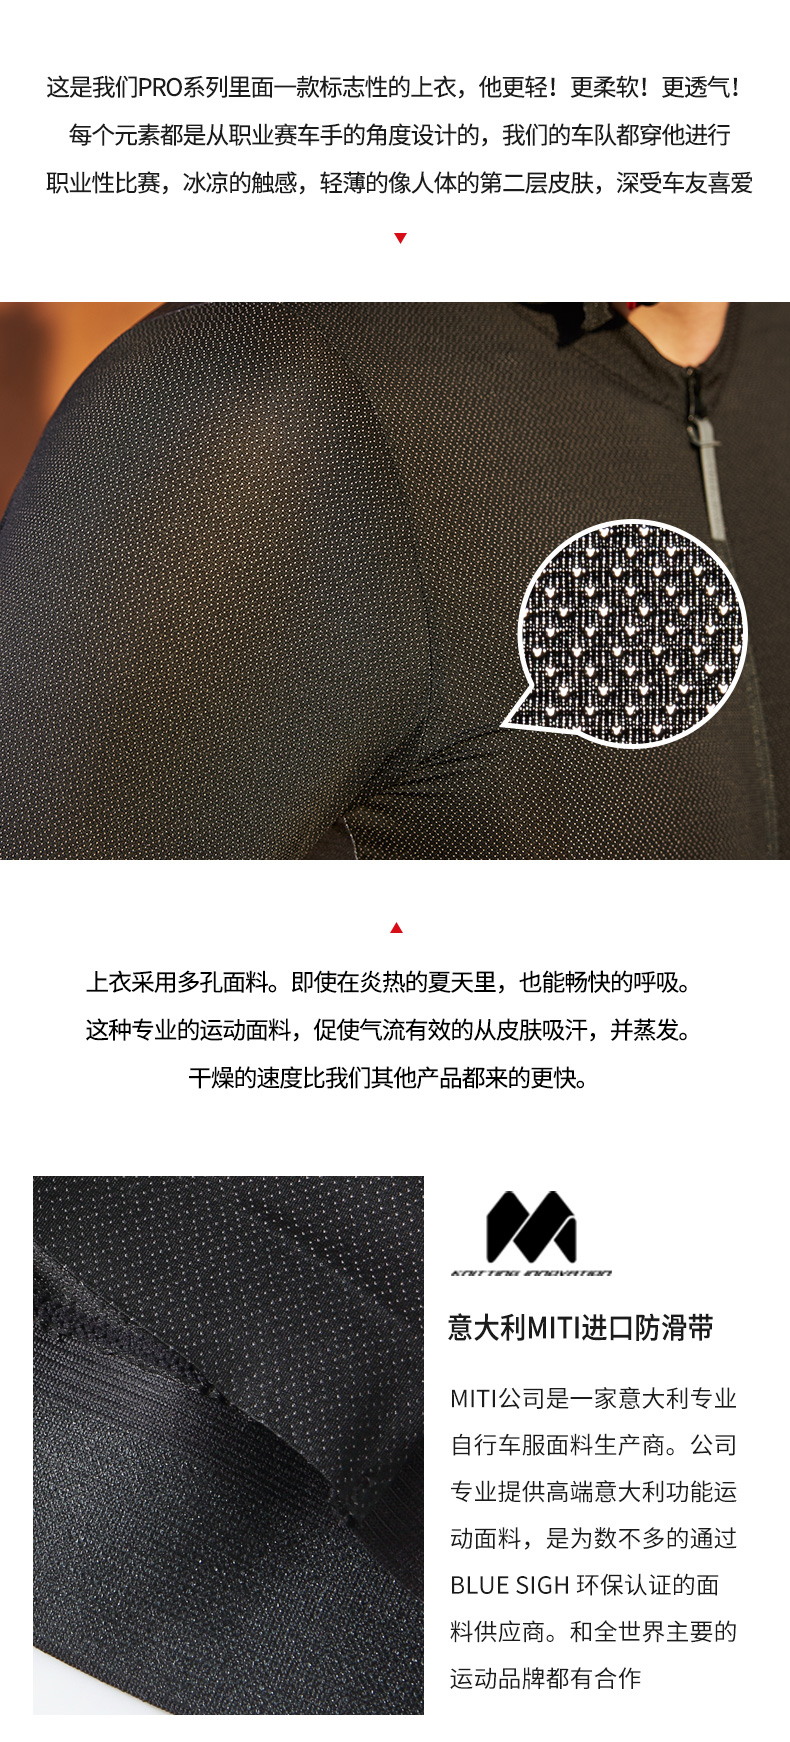 M9C02151-布列_02.jpg